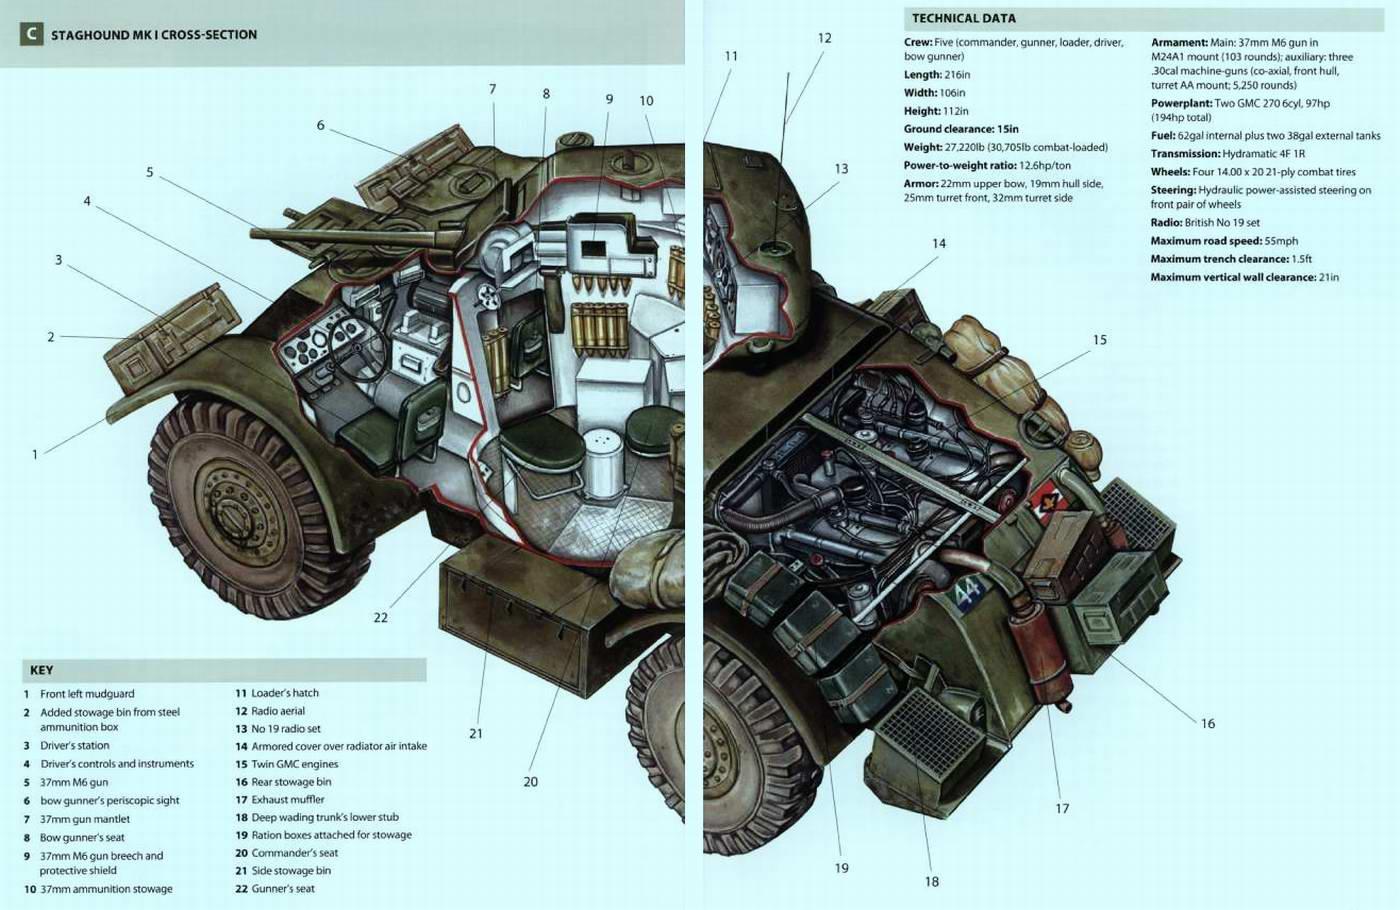 Staghound Armored Car (1942 - 62 г.г.) - Стагхаунд — средний бронеавтомобиль (США)